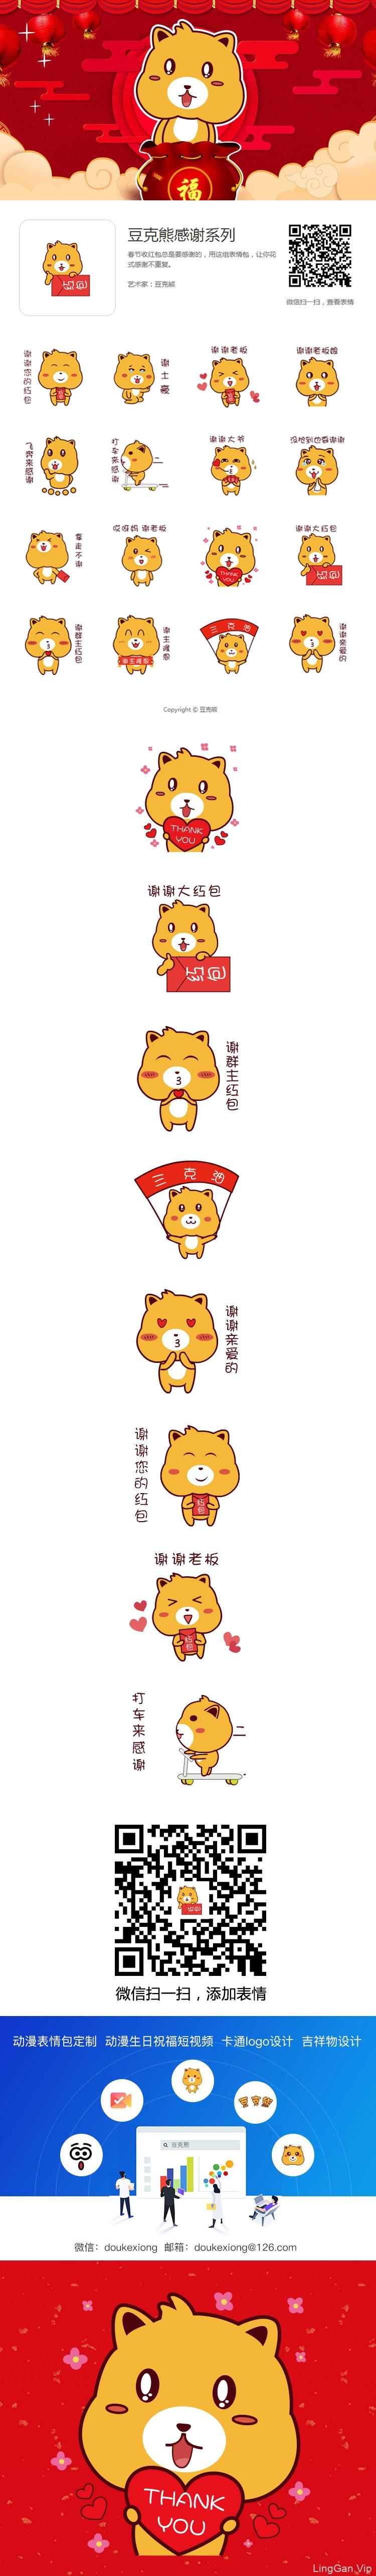 【豆克熊】原创动漫微信表情之新年发红包感谢系列